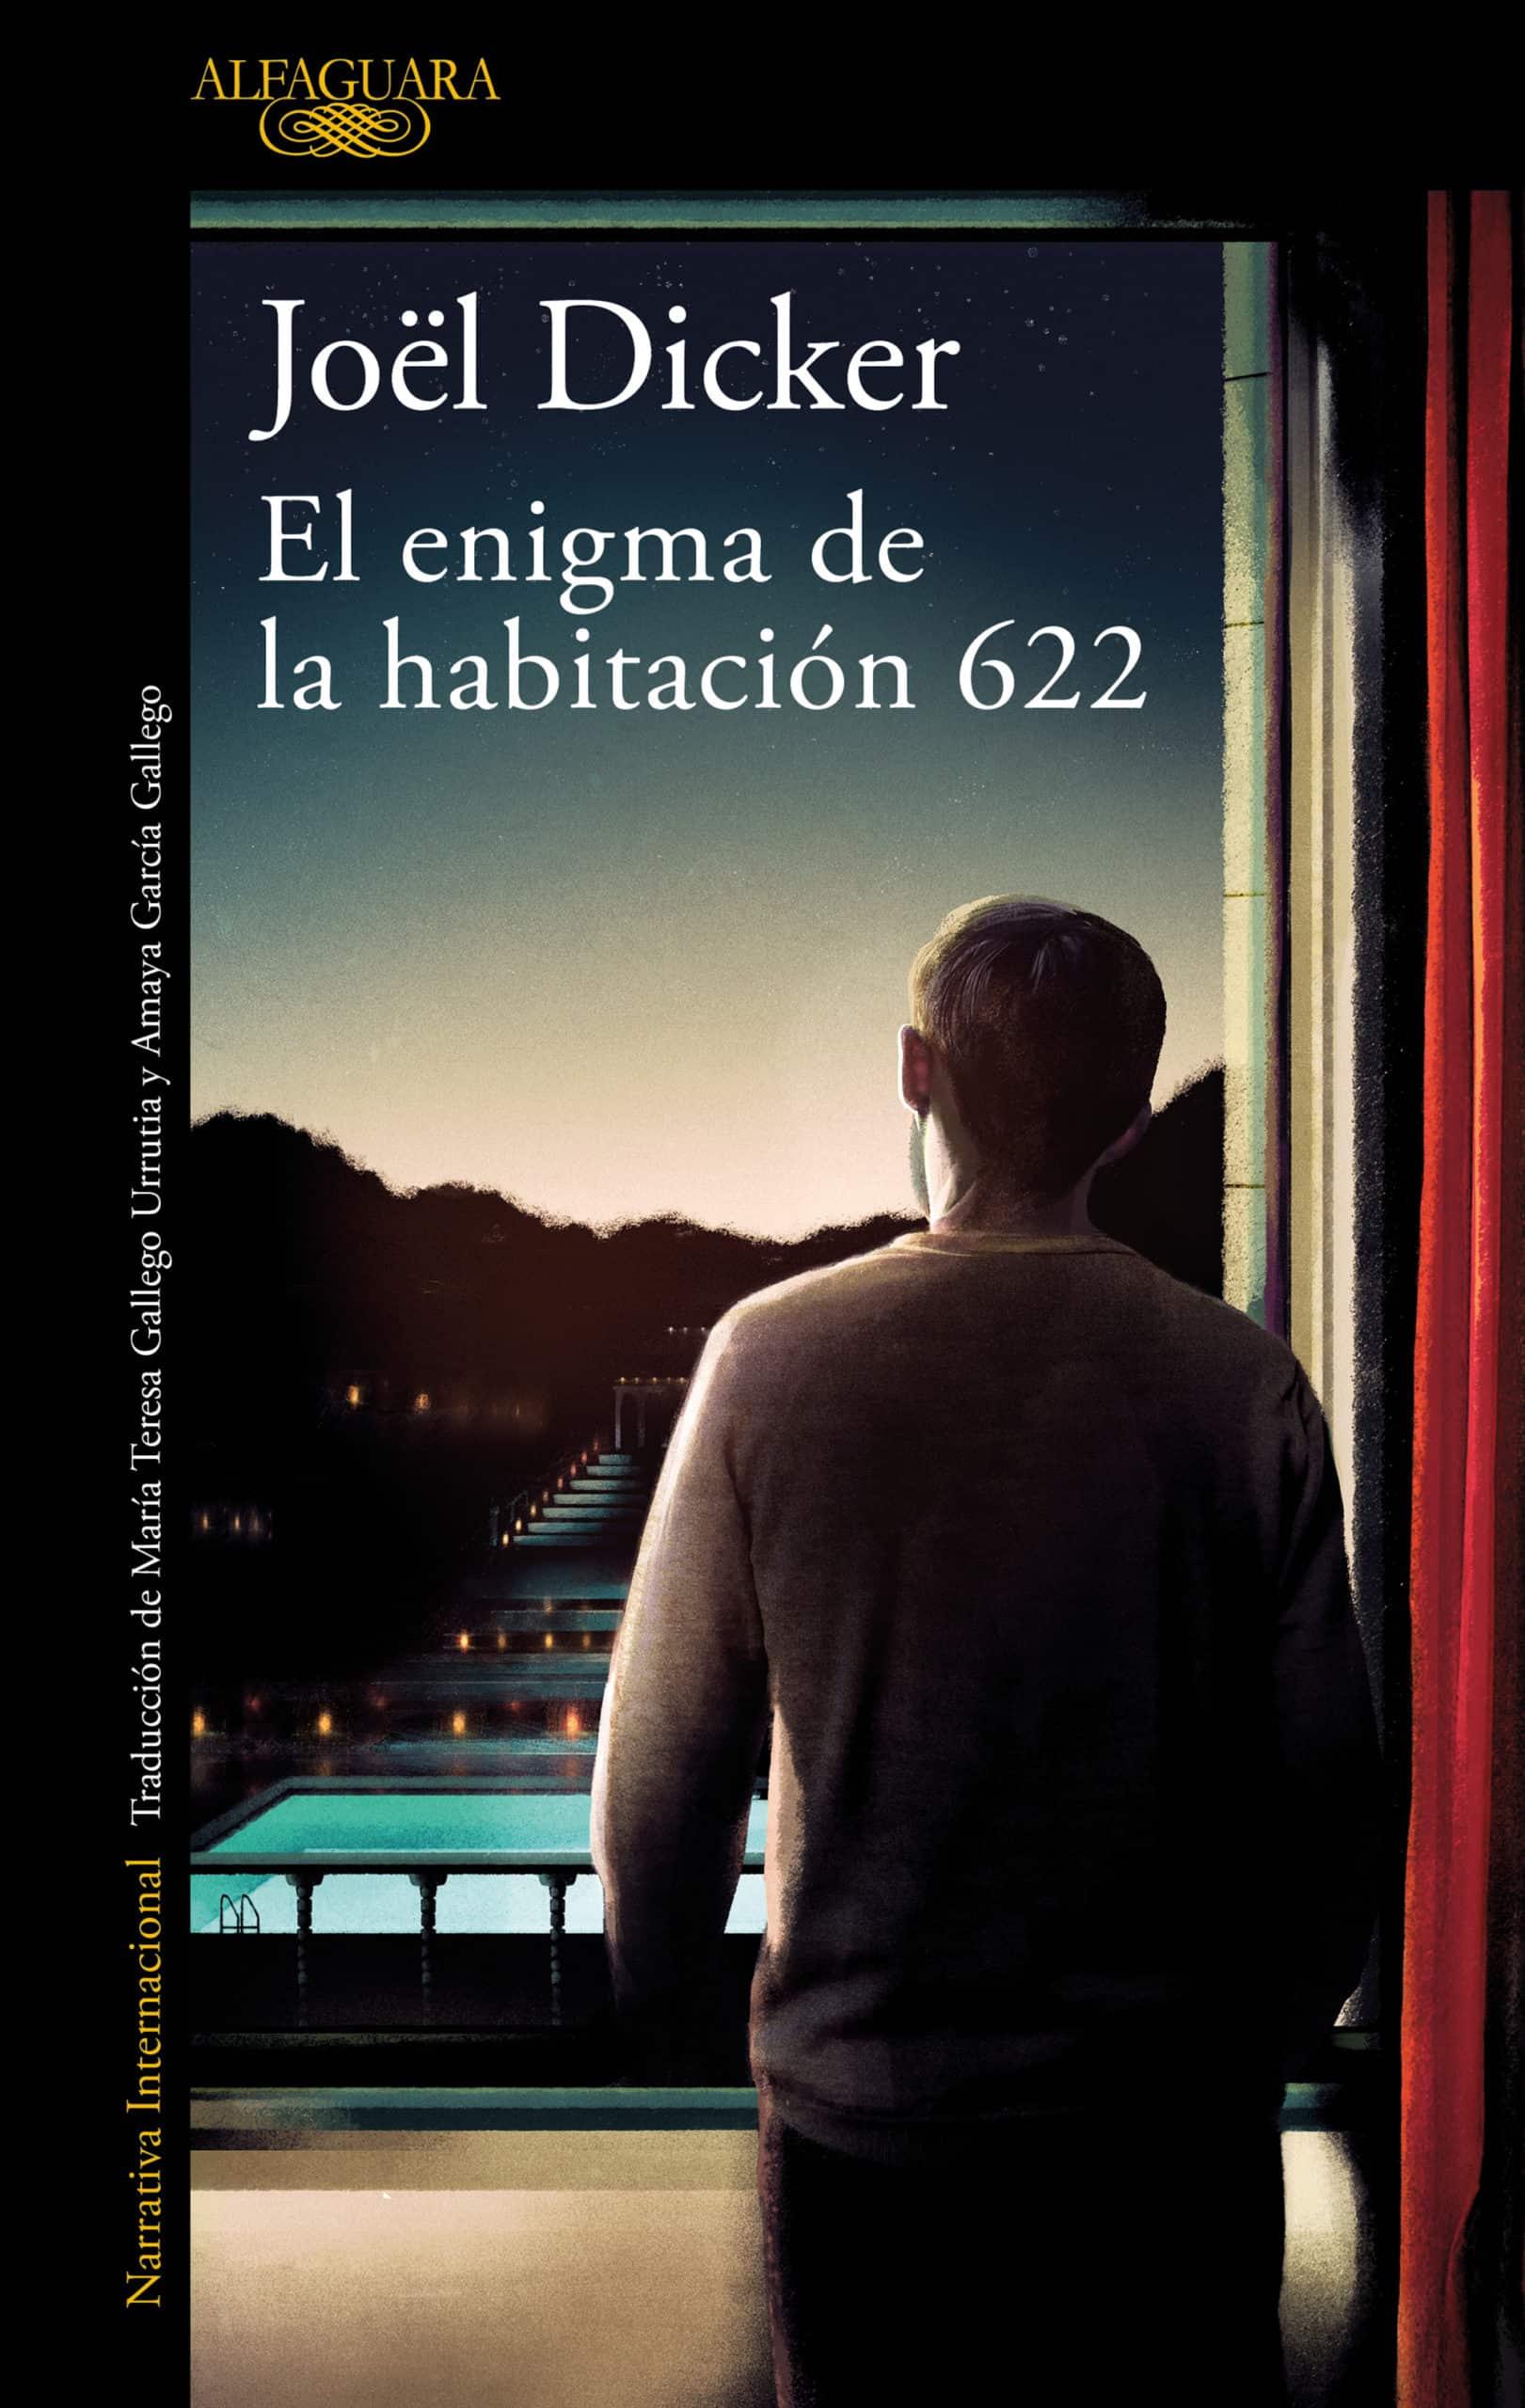 ALFAGUARA PUBLICARÁ LA NUEVA NOVELA DE JOËL DICKER, EL ENIGMA DE LA HABITACIÓN 622, EL 3  DE JUNIO @alfaguara_es